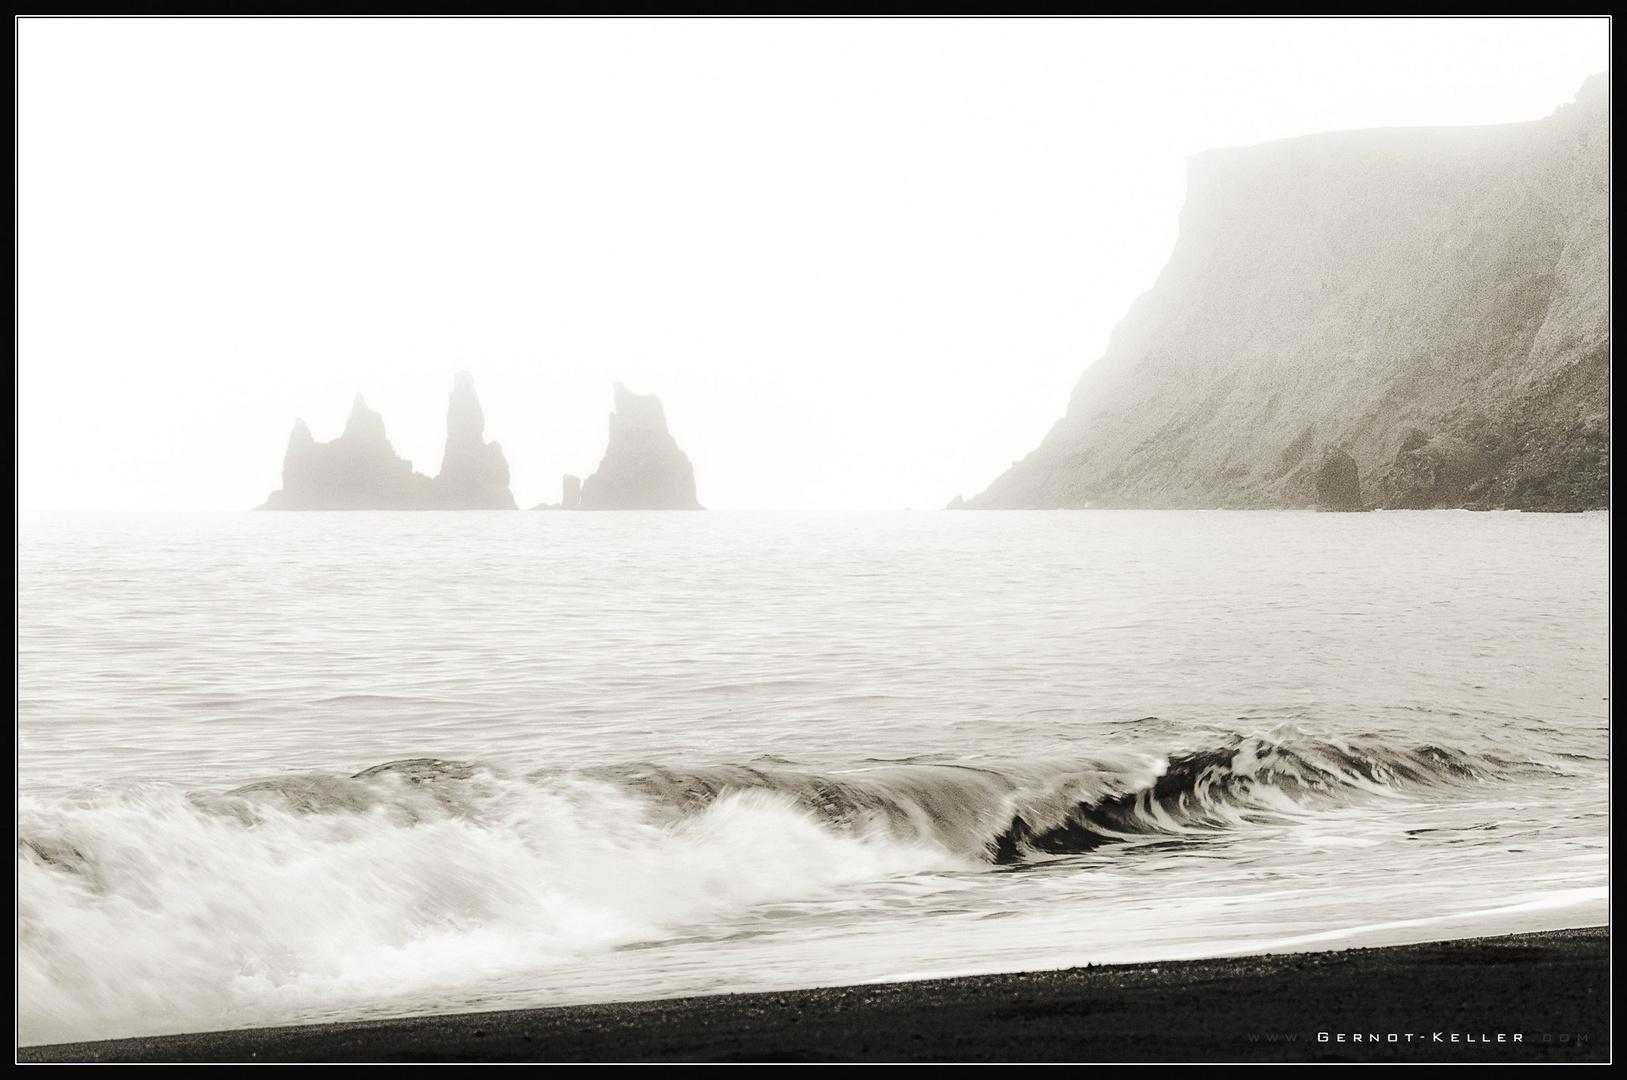 07617 - Iceland, Vik i Myrdal